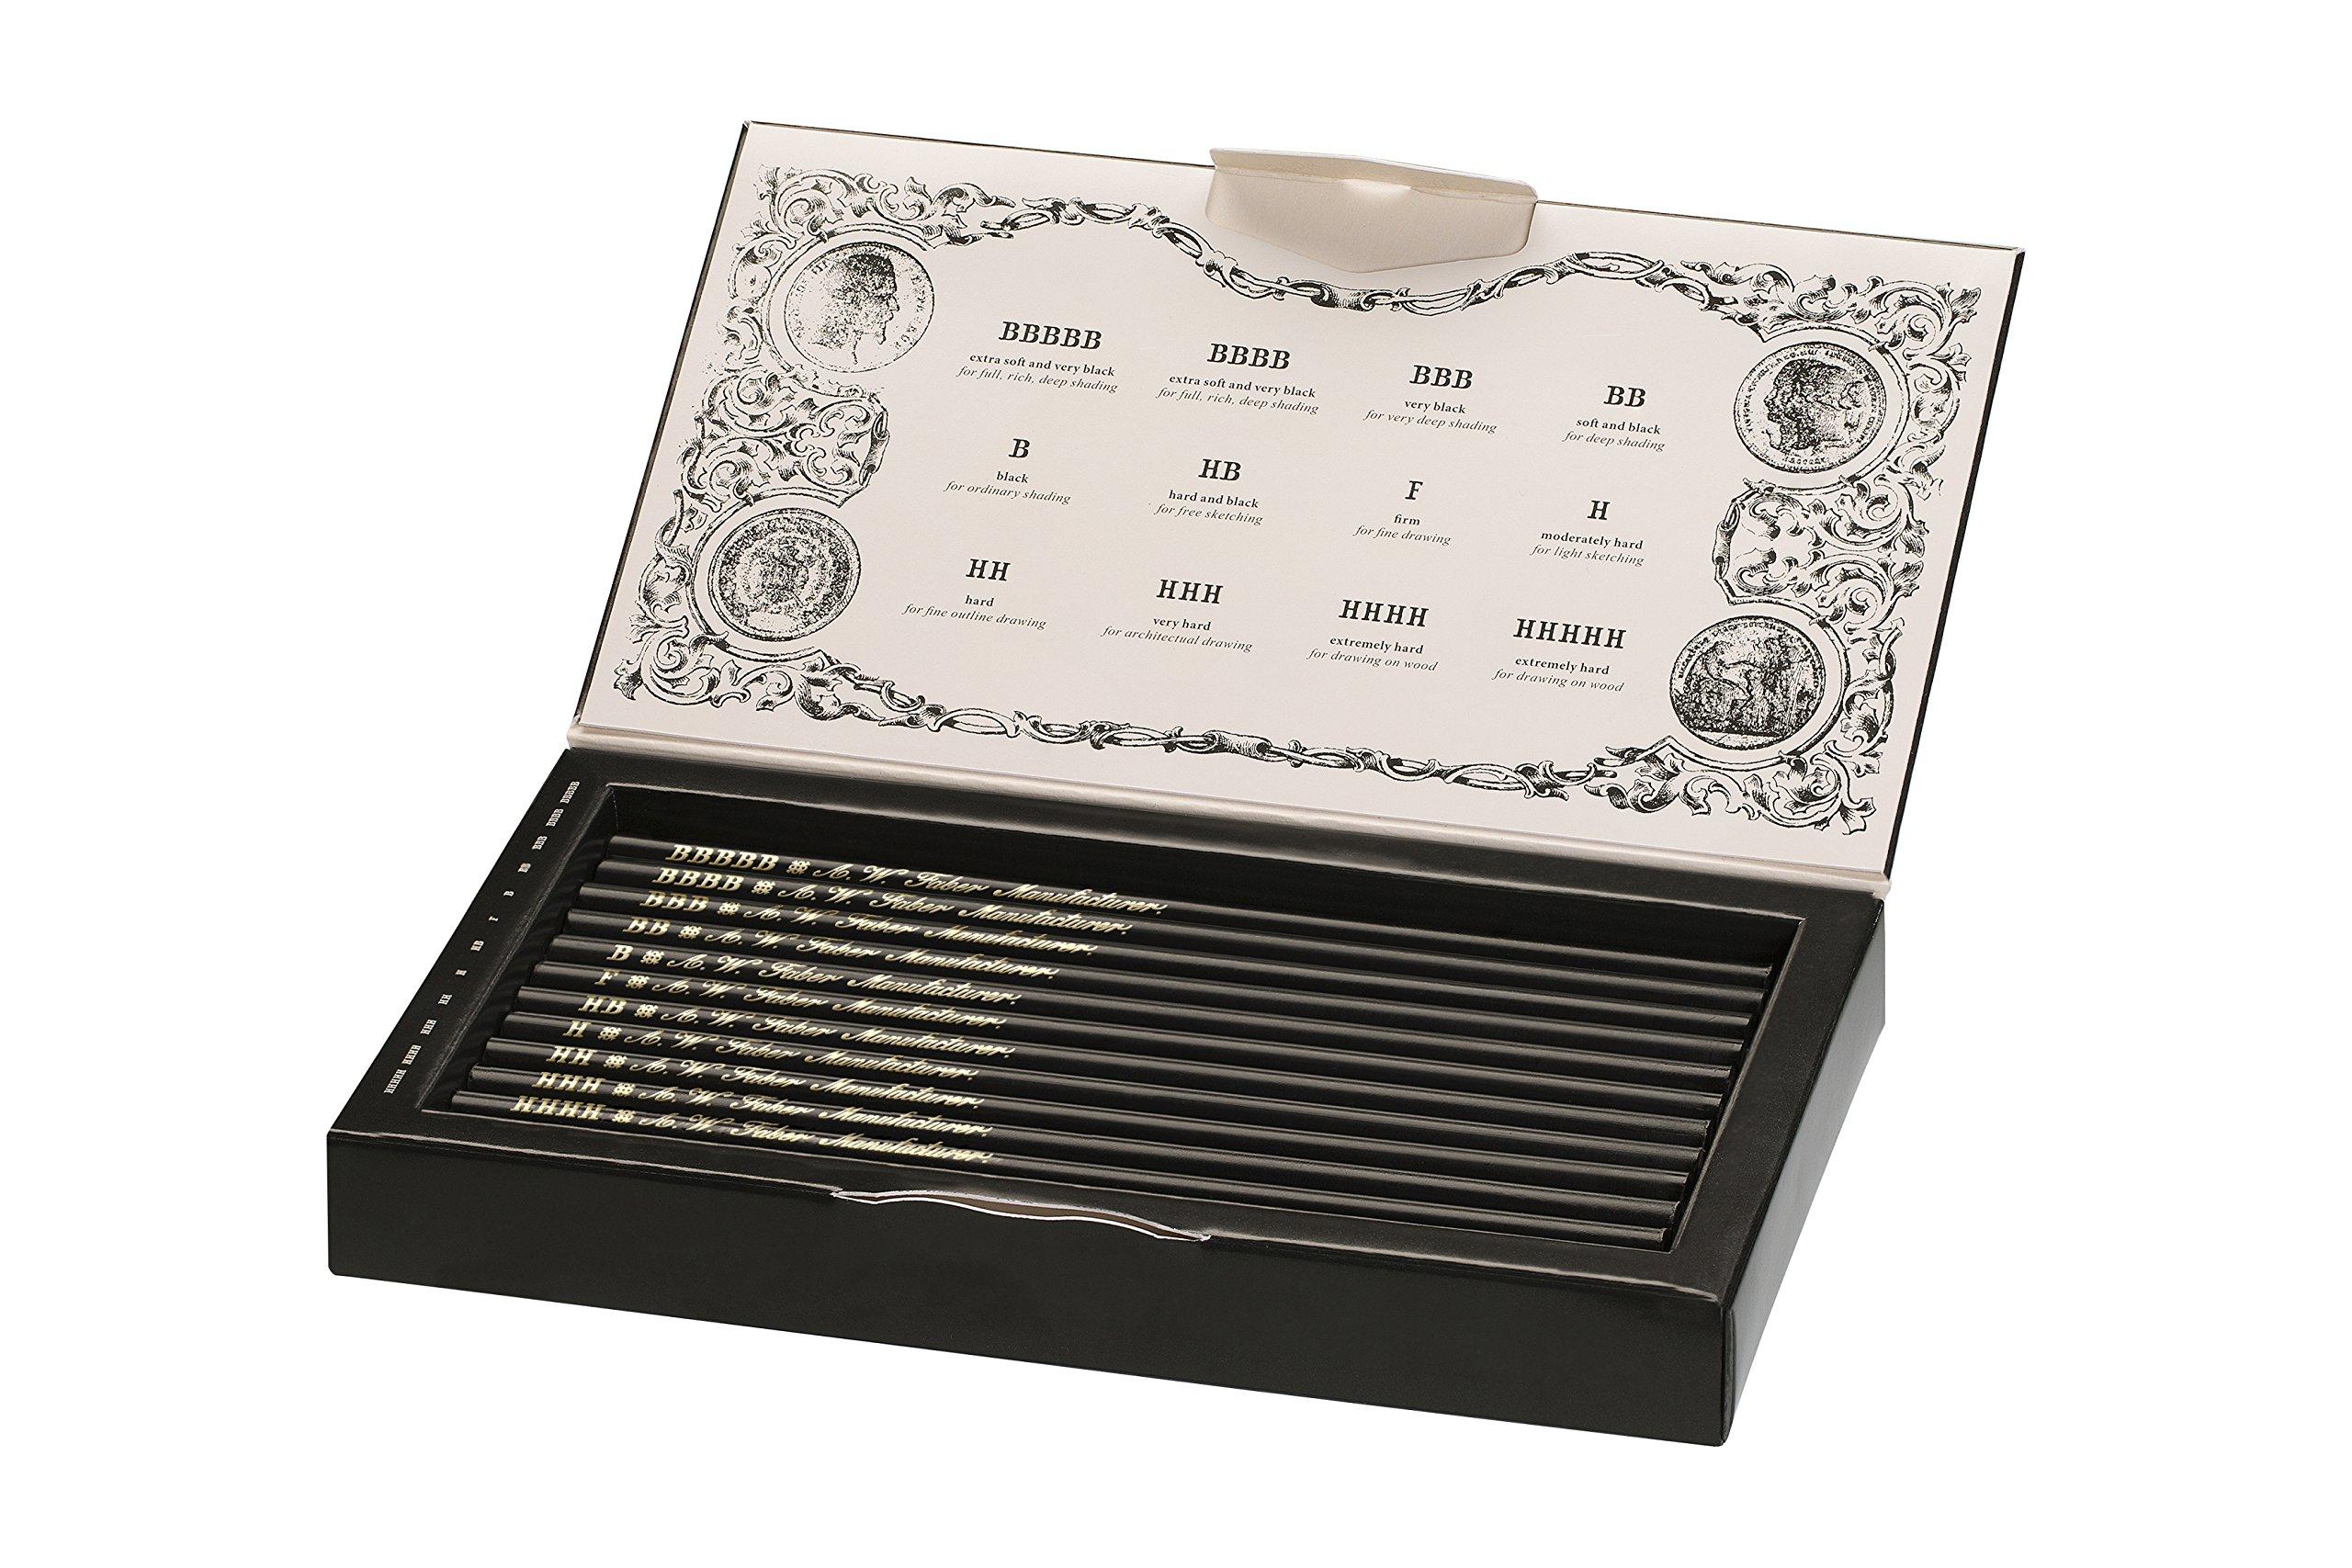 Faber-Castell 211817 - Estuche de colección edición limitada con 12 lápices Polygrade con distintos grados de dureza (5B - 5H): Amazon.es: Oficina y papelería